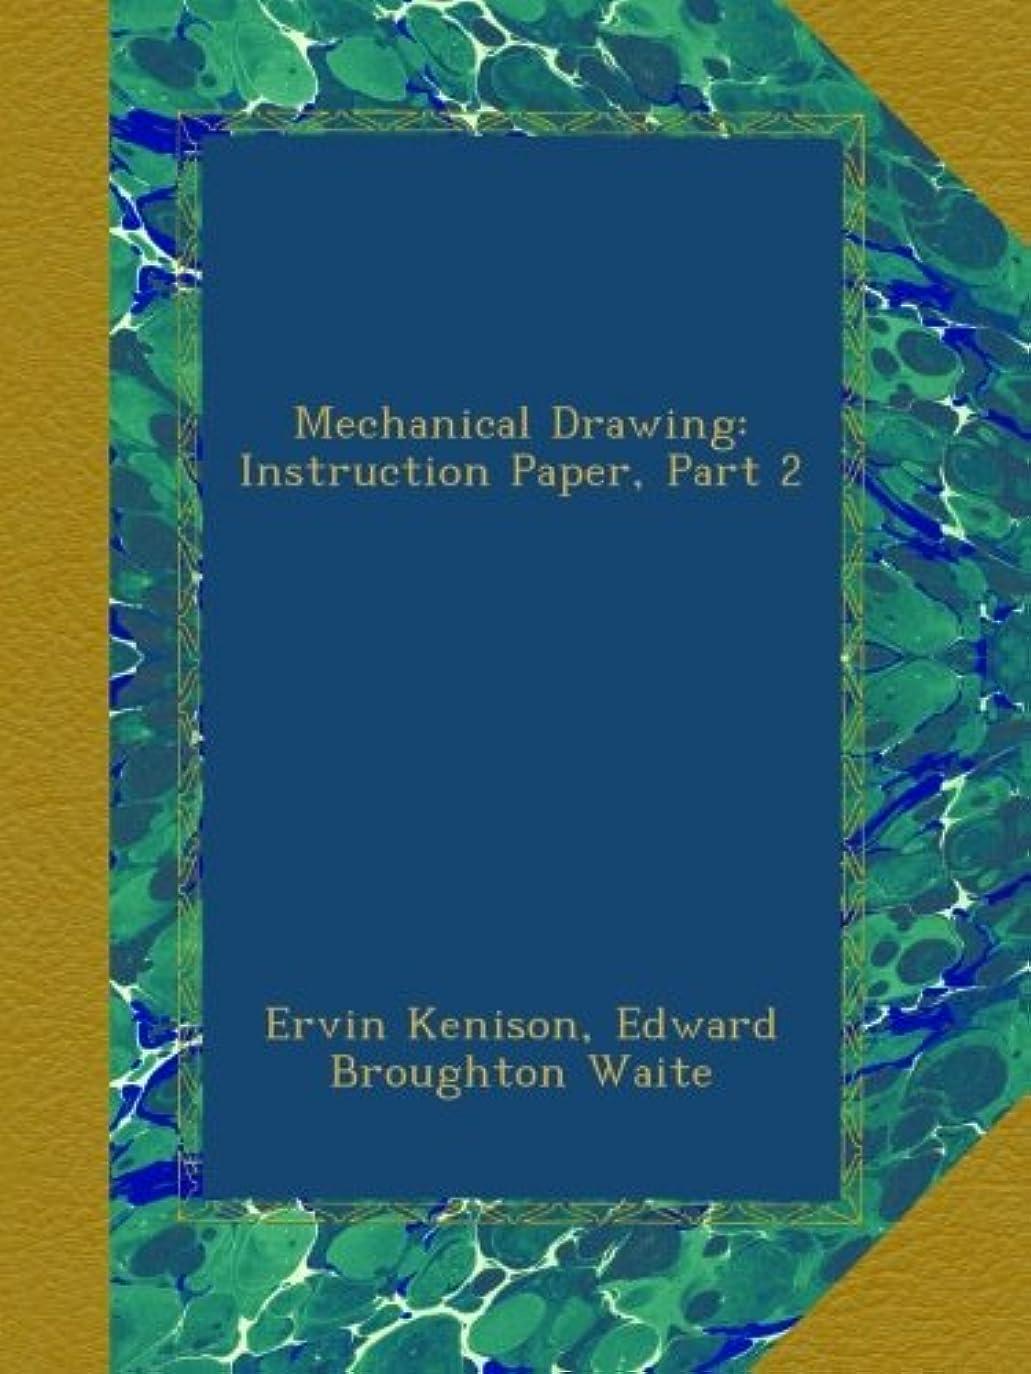 限りなくびんジョージエリオットMechanical Drawing: Instruction Paper, Part 2